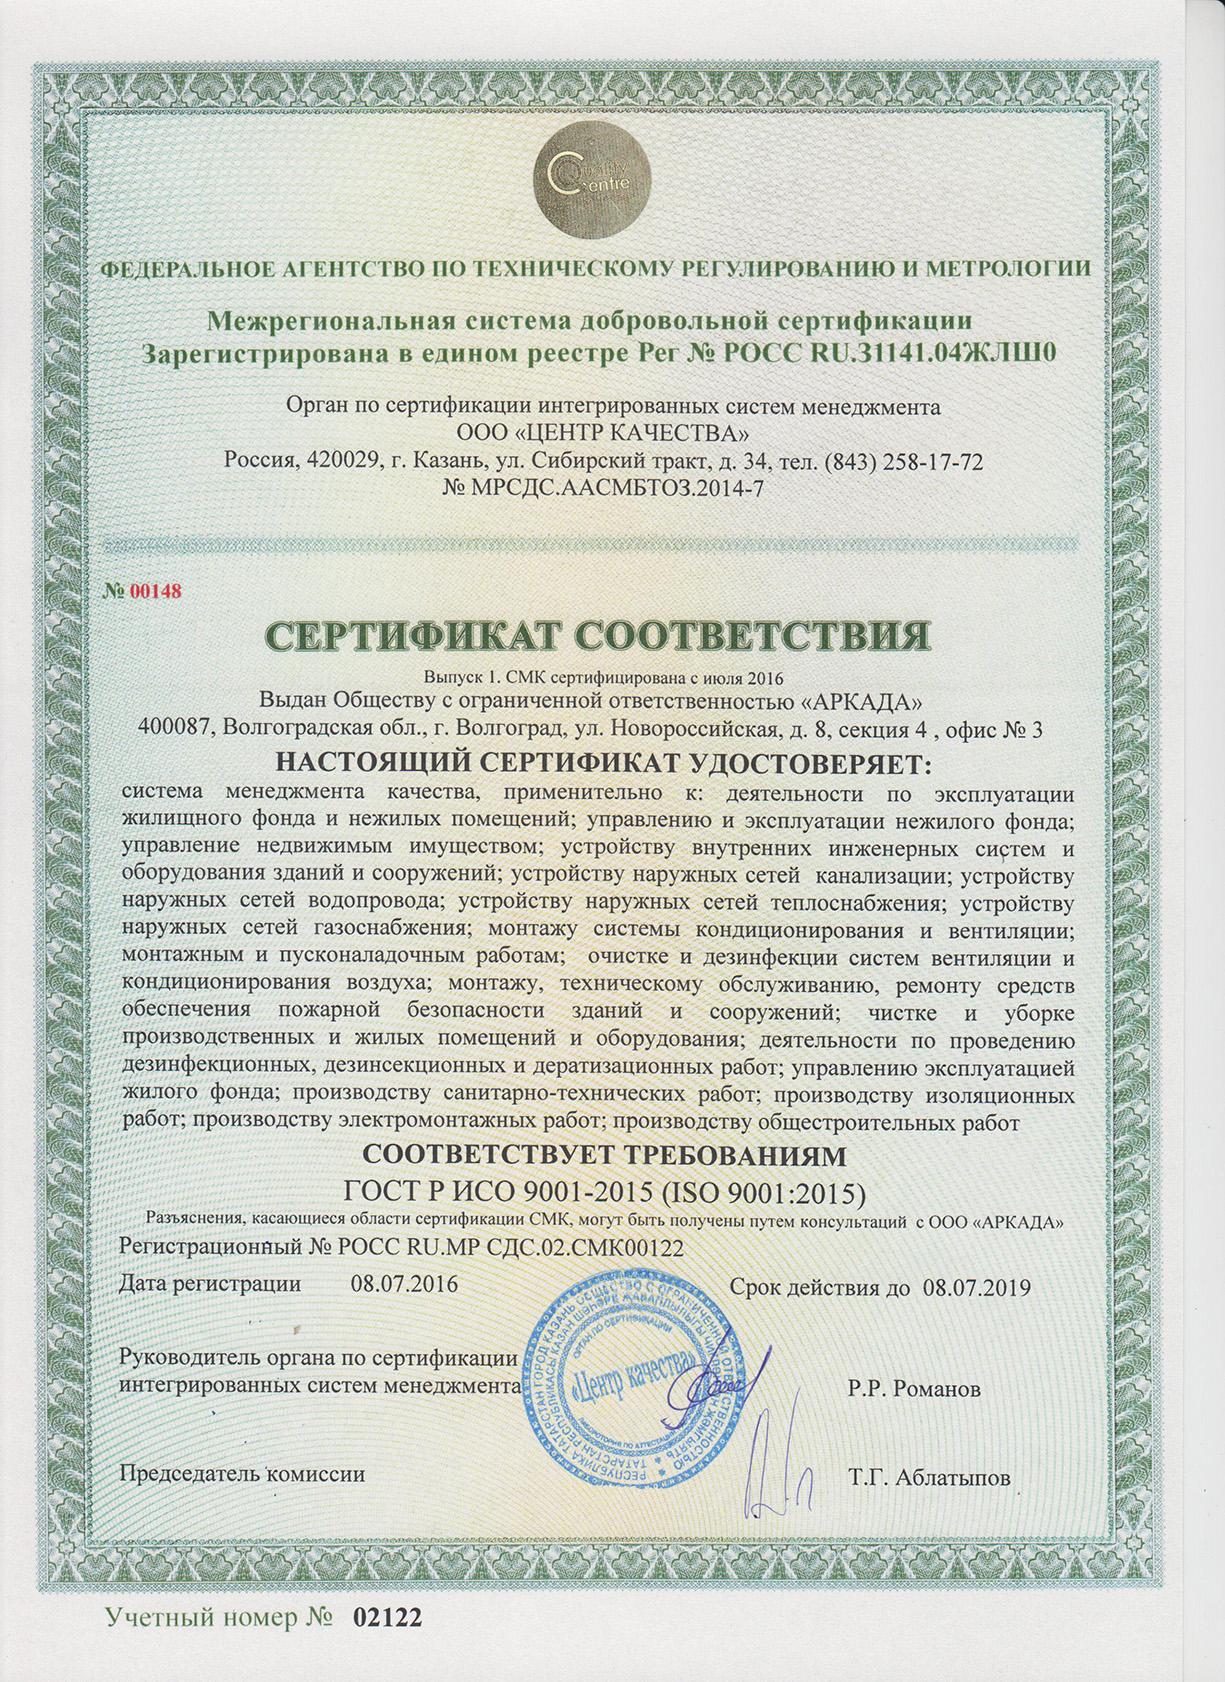 государственный контракт на техническое обслуживание пожарной сигнализации